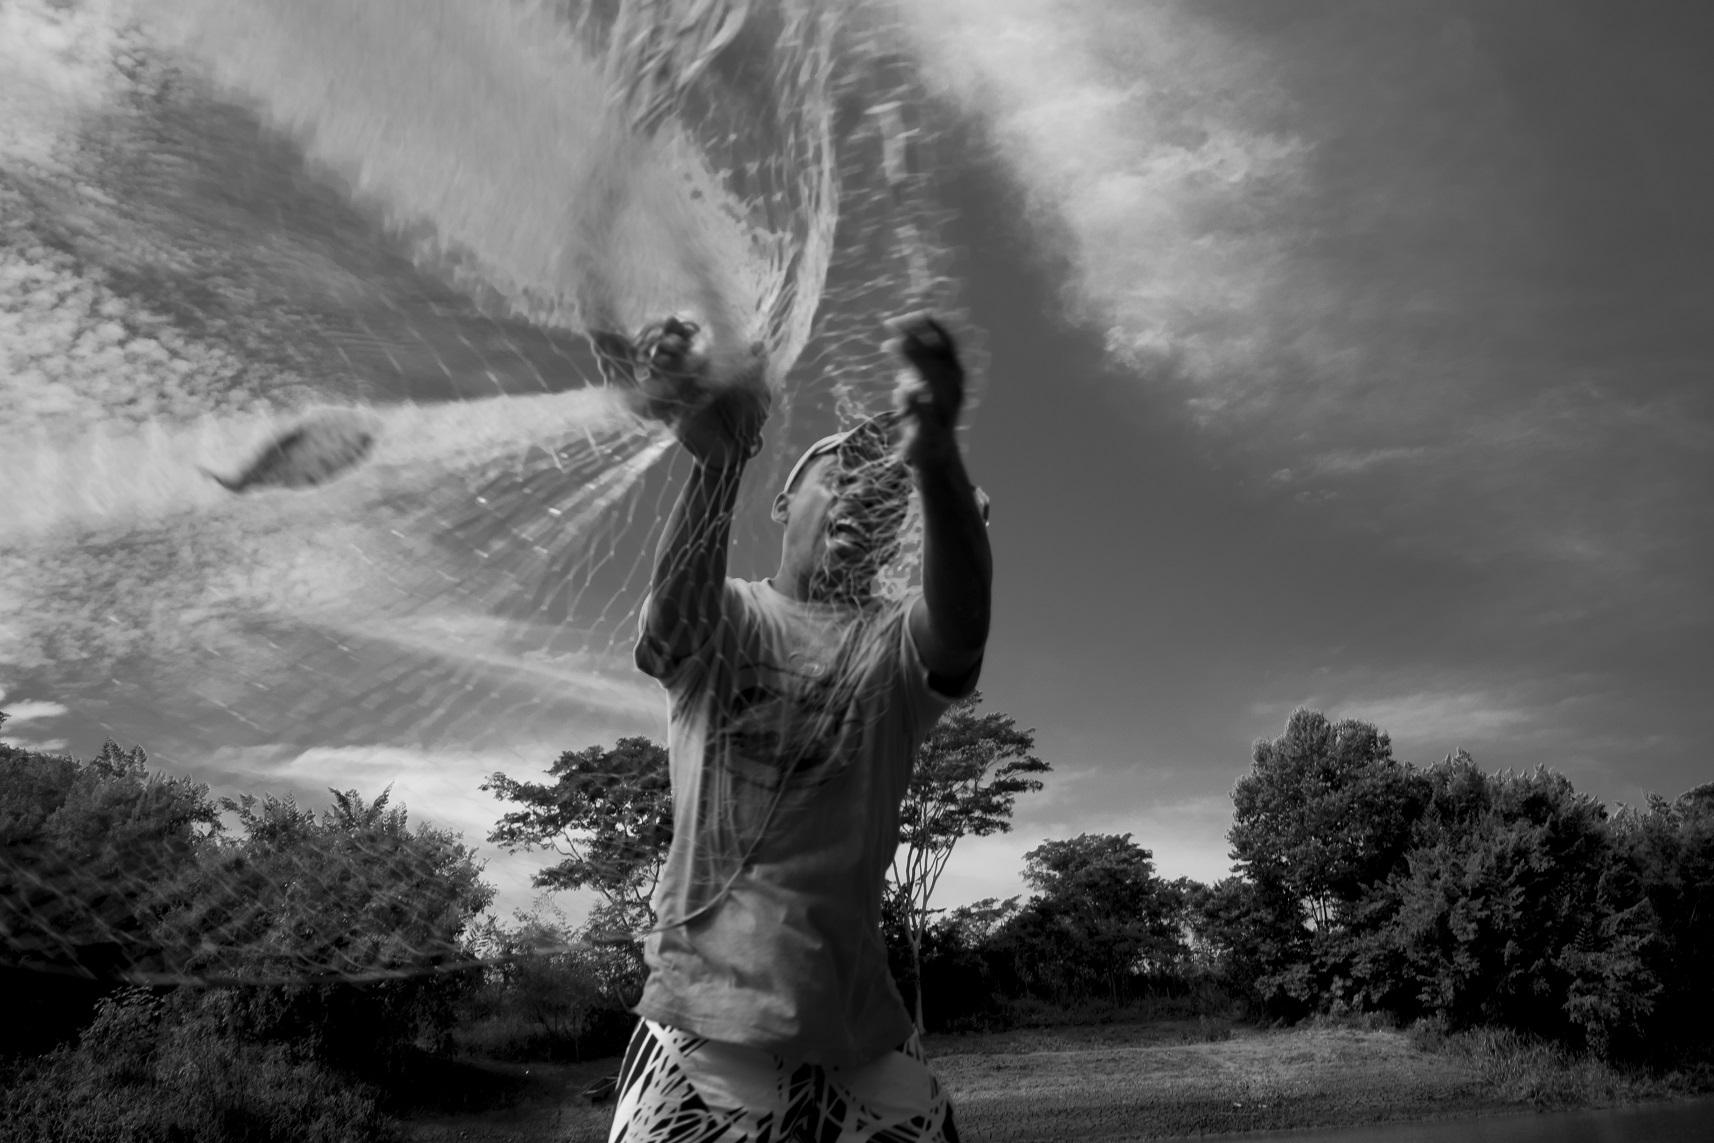 Ilha da Ressaca, quilombo Lapinha, Minas Gerais. Pescadores quilombolas em pesca artesanal de tarrafa no Rio São Francisco. Foto João Roberto Ripper